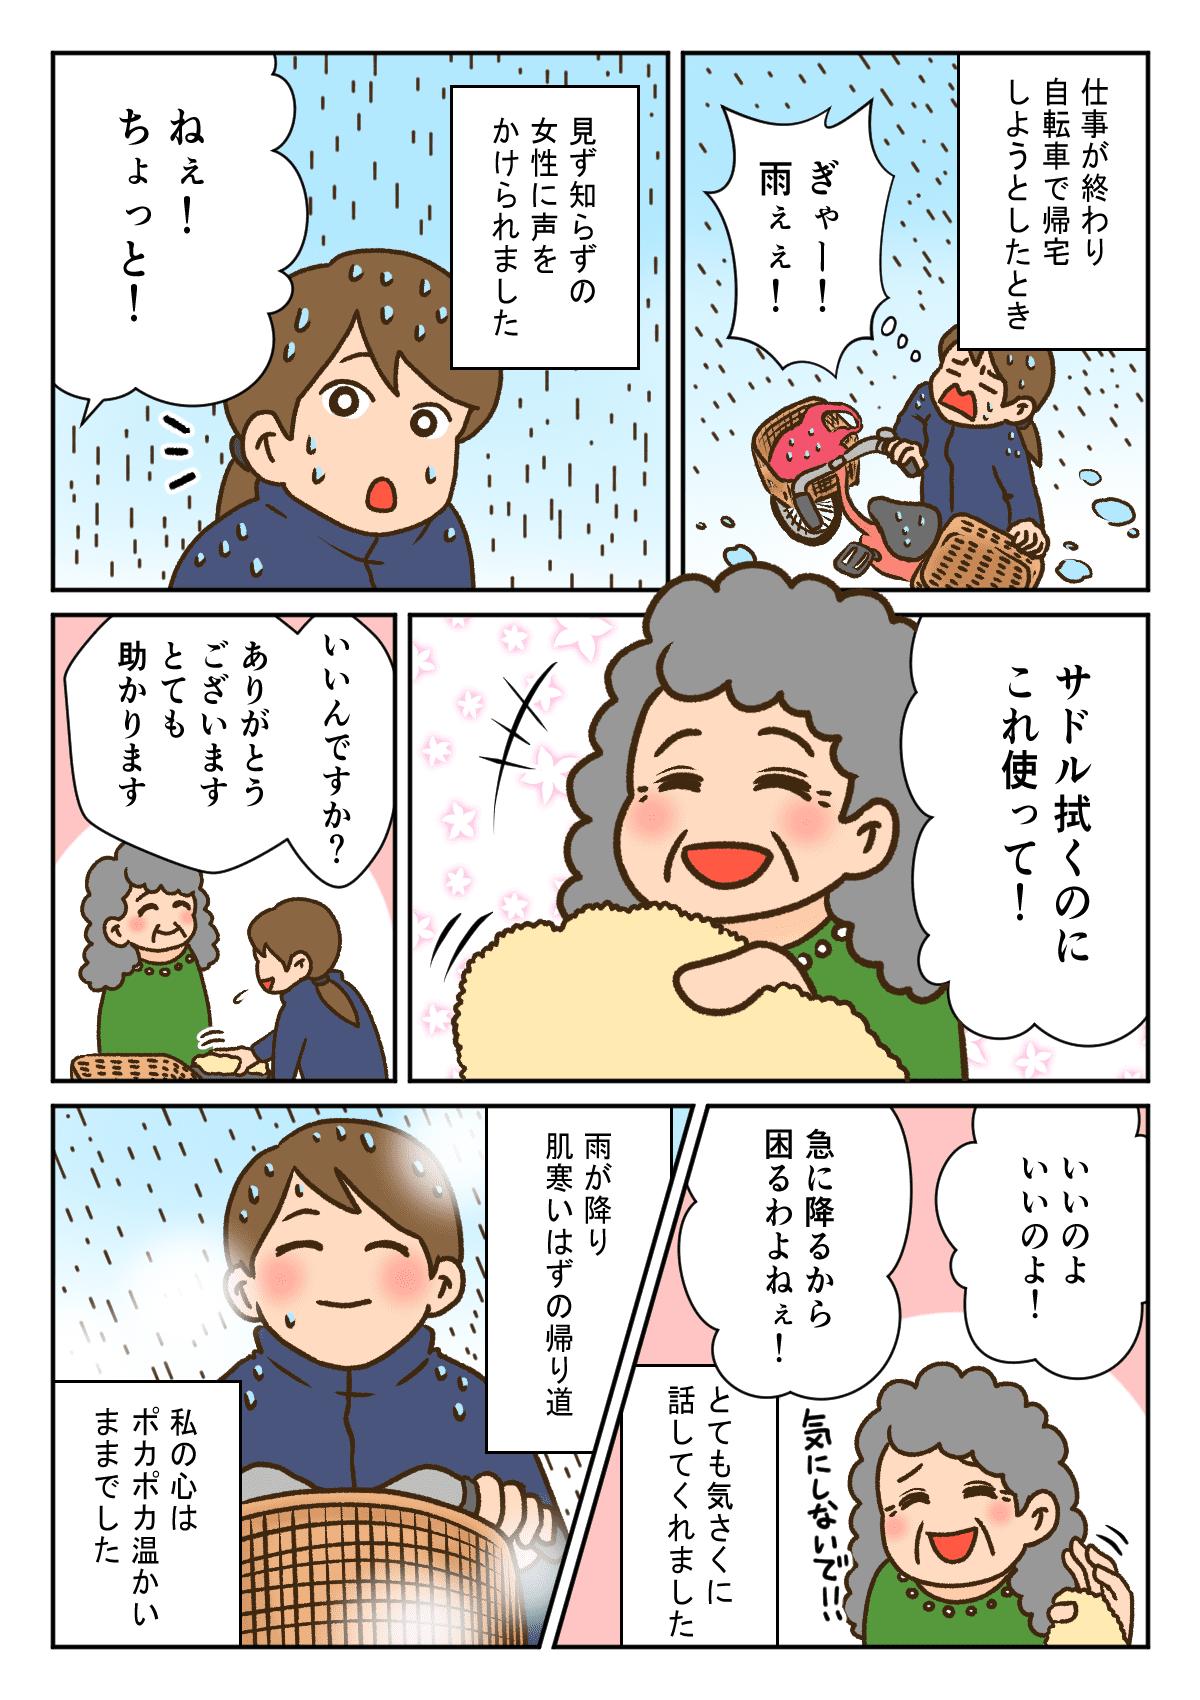 イラスト3 (4)